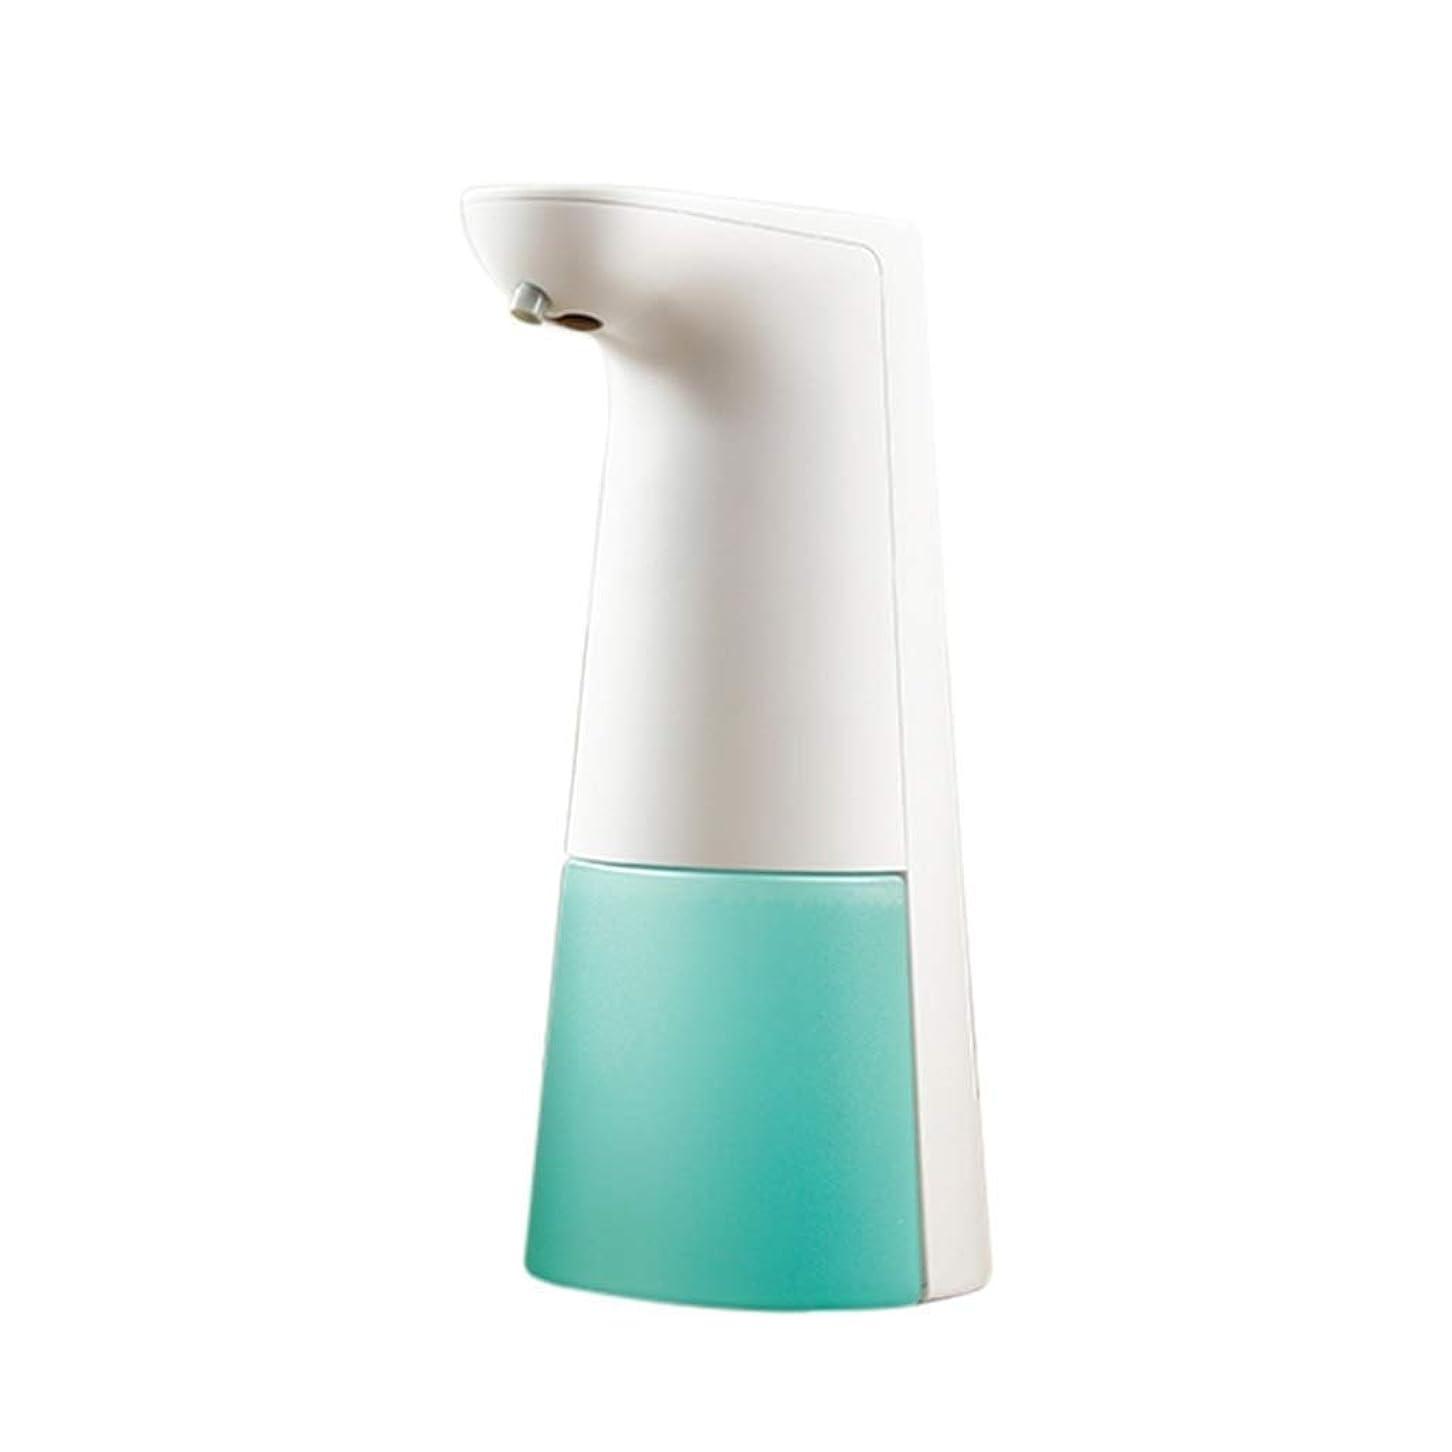 悪意報復する支配する泡の台所浴室の流しの液体石鹸の瓶250mlのプラスチック石鹸箱のローション(色:白、サイズ:20.4 * 11.6 * 8.9cm) (Color : White, Size : 20.4*11.6*8.9cm)